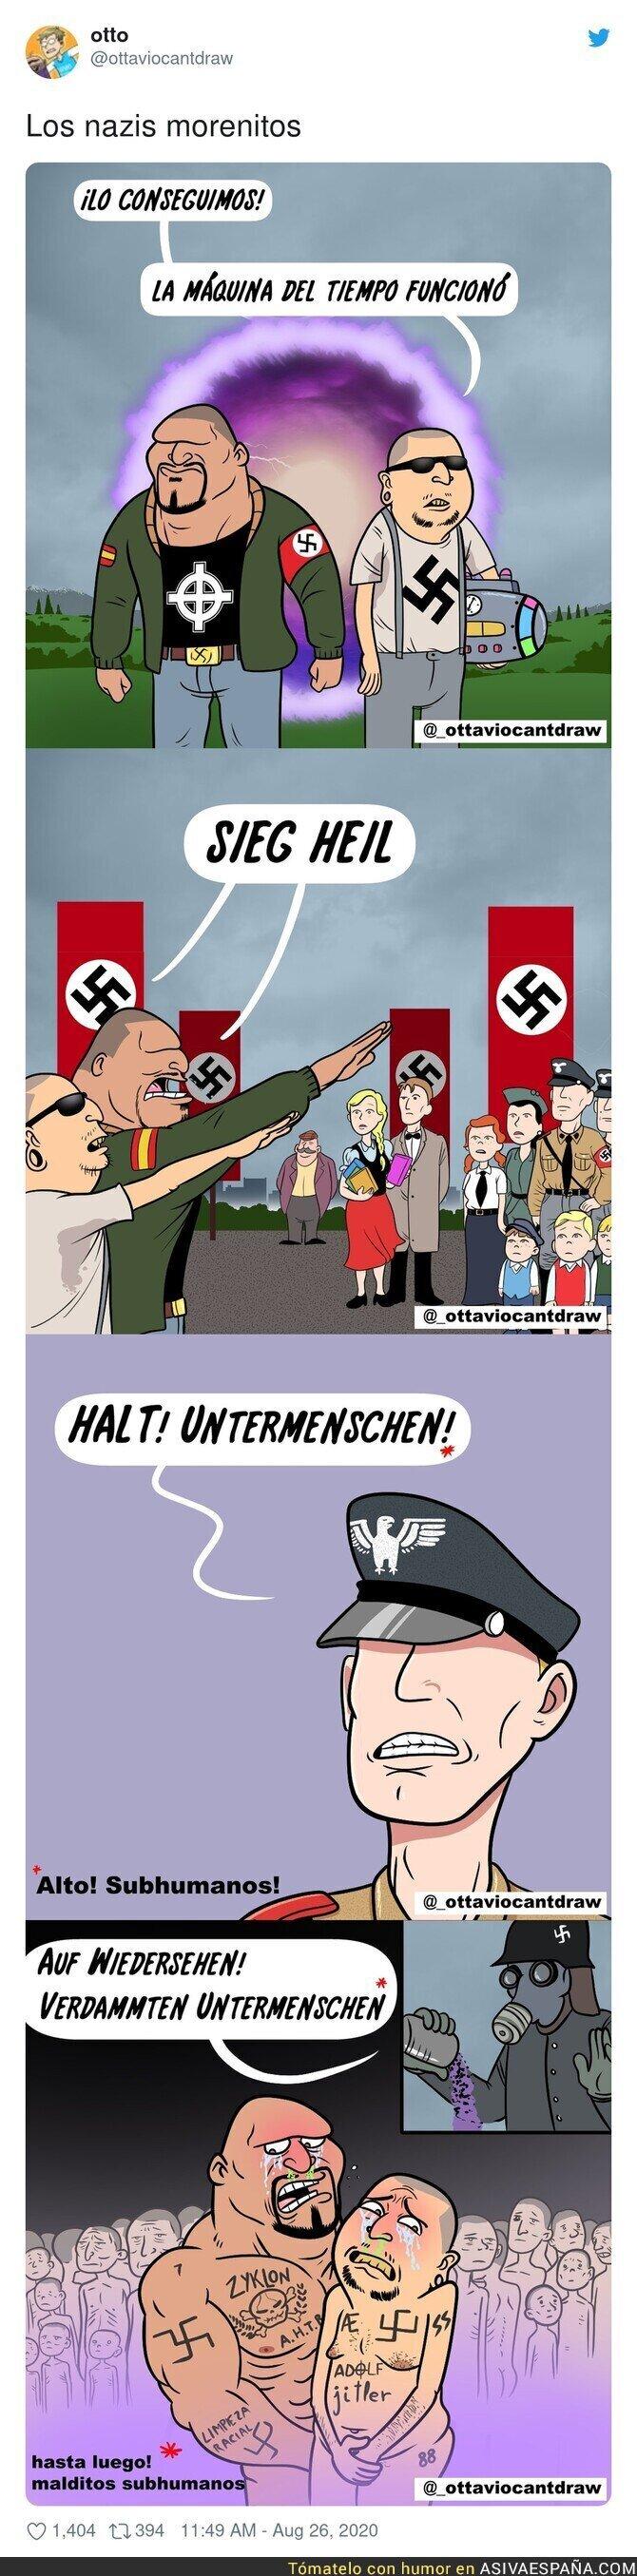 341595 - El nazi morenito, es españolito de Europa más bajito y también el más tontito